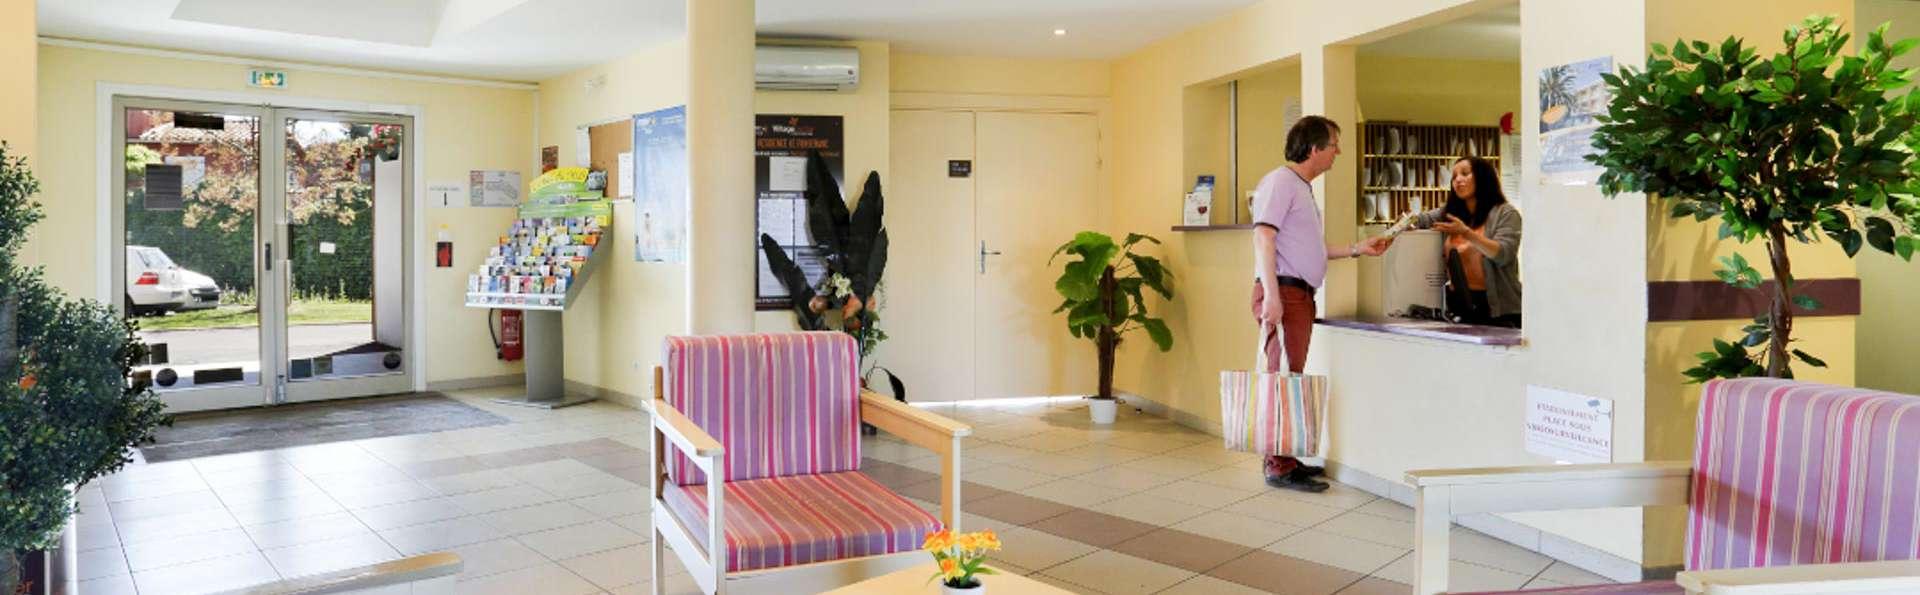 Mini-vacances dans un excellent hôtel à Béziers en appartament double